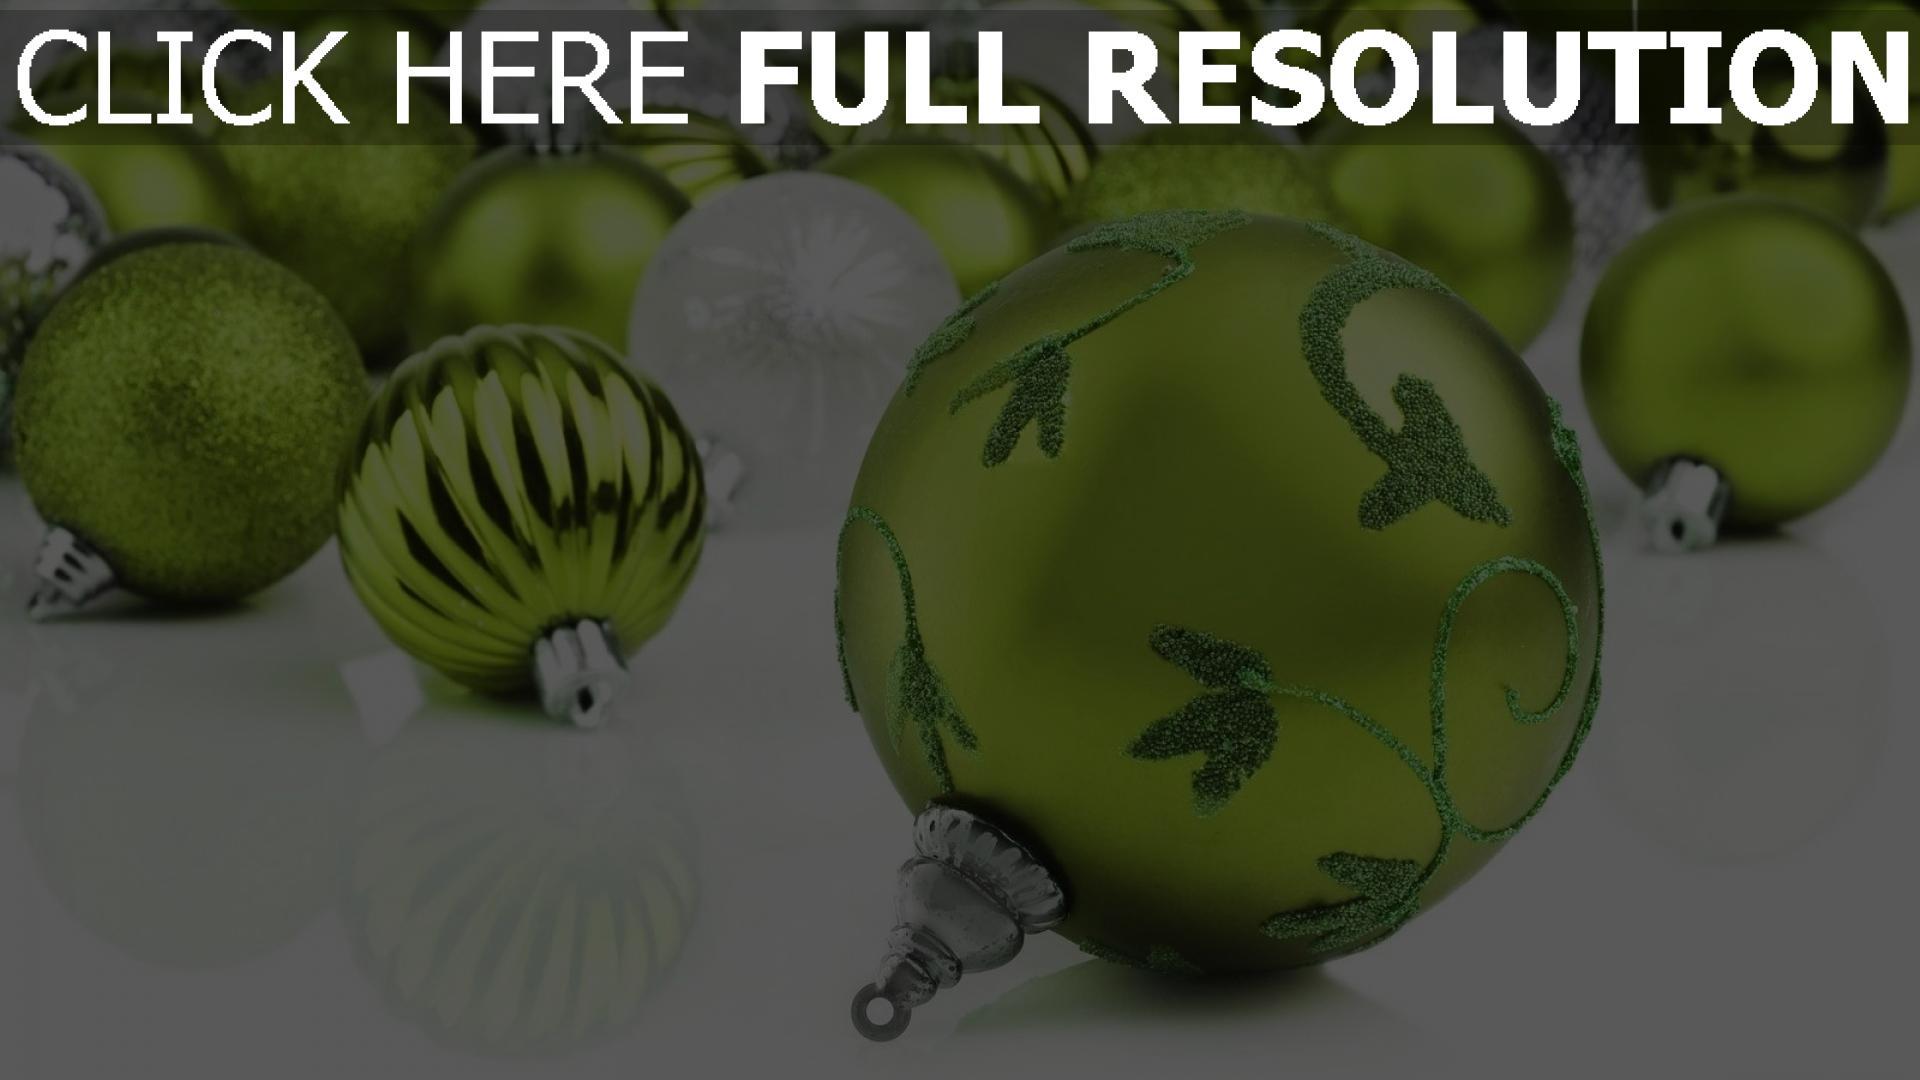 hd hintergrundbilder vielfalt urlaub luftballons weihnachtsdekorationen greens attribute 1920x1080